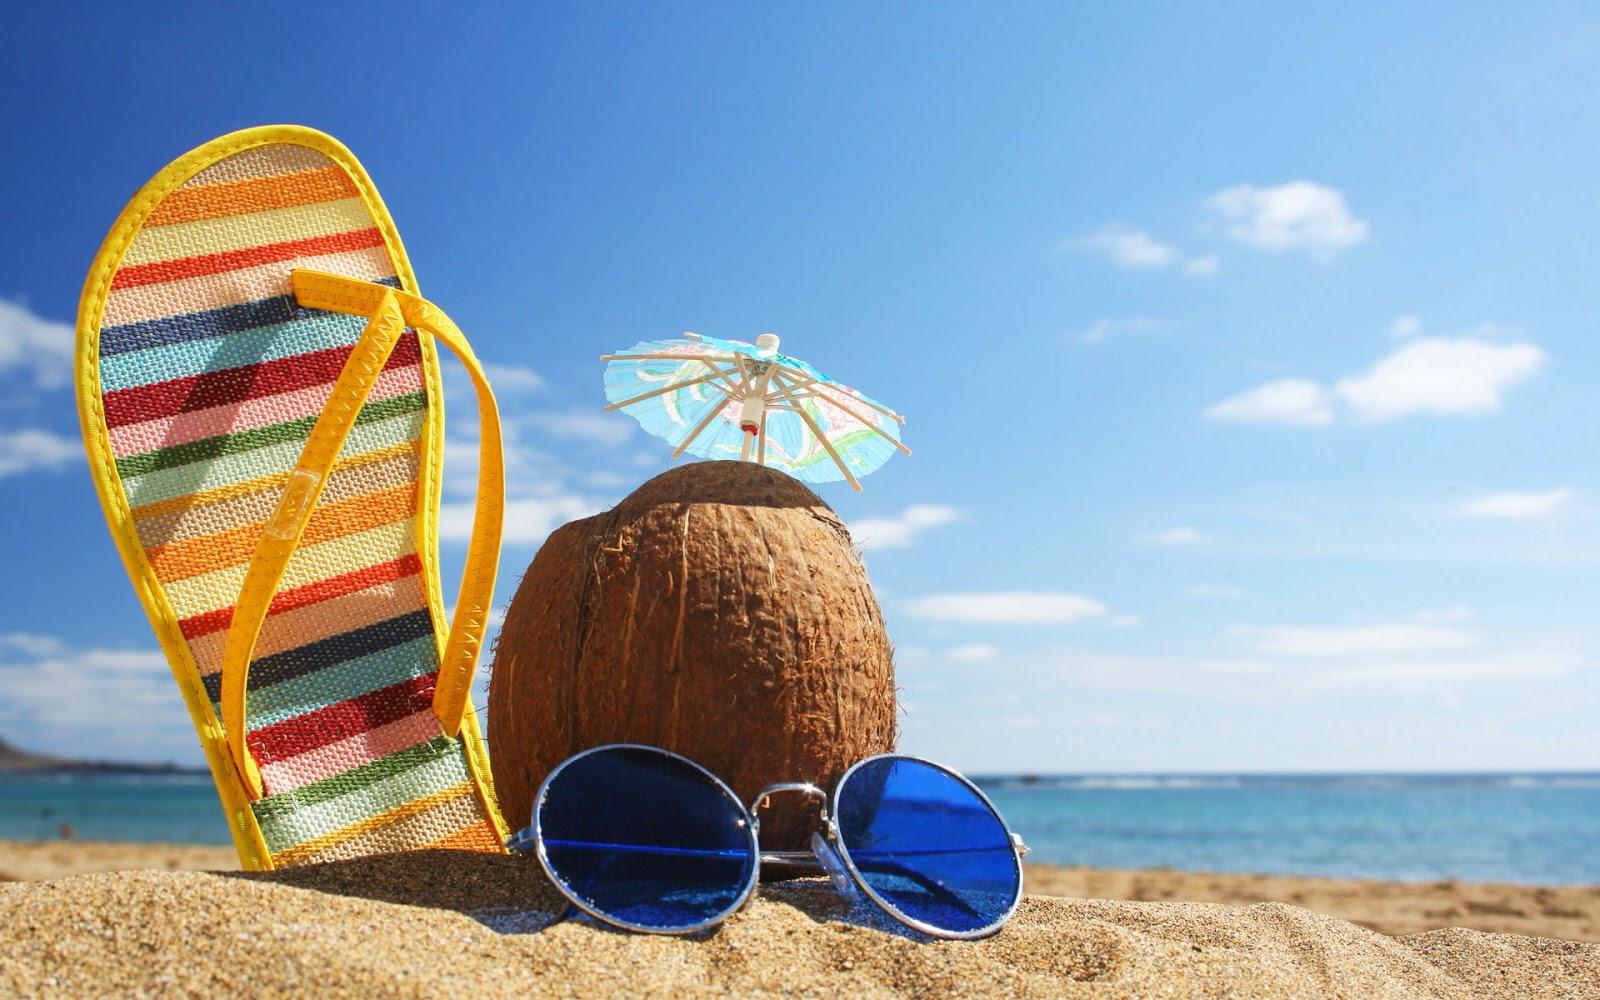 zomer-vakantie-achtergrond-2013-met-zee-strand-kokosnoot-slipper-en-zonnebril